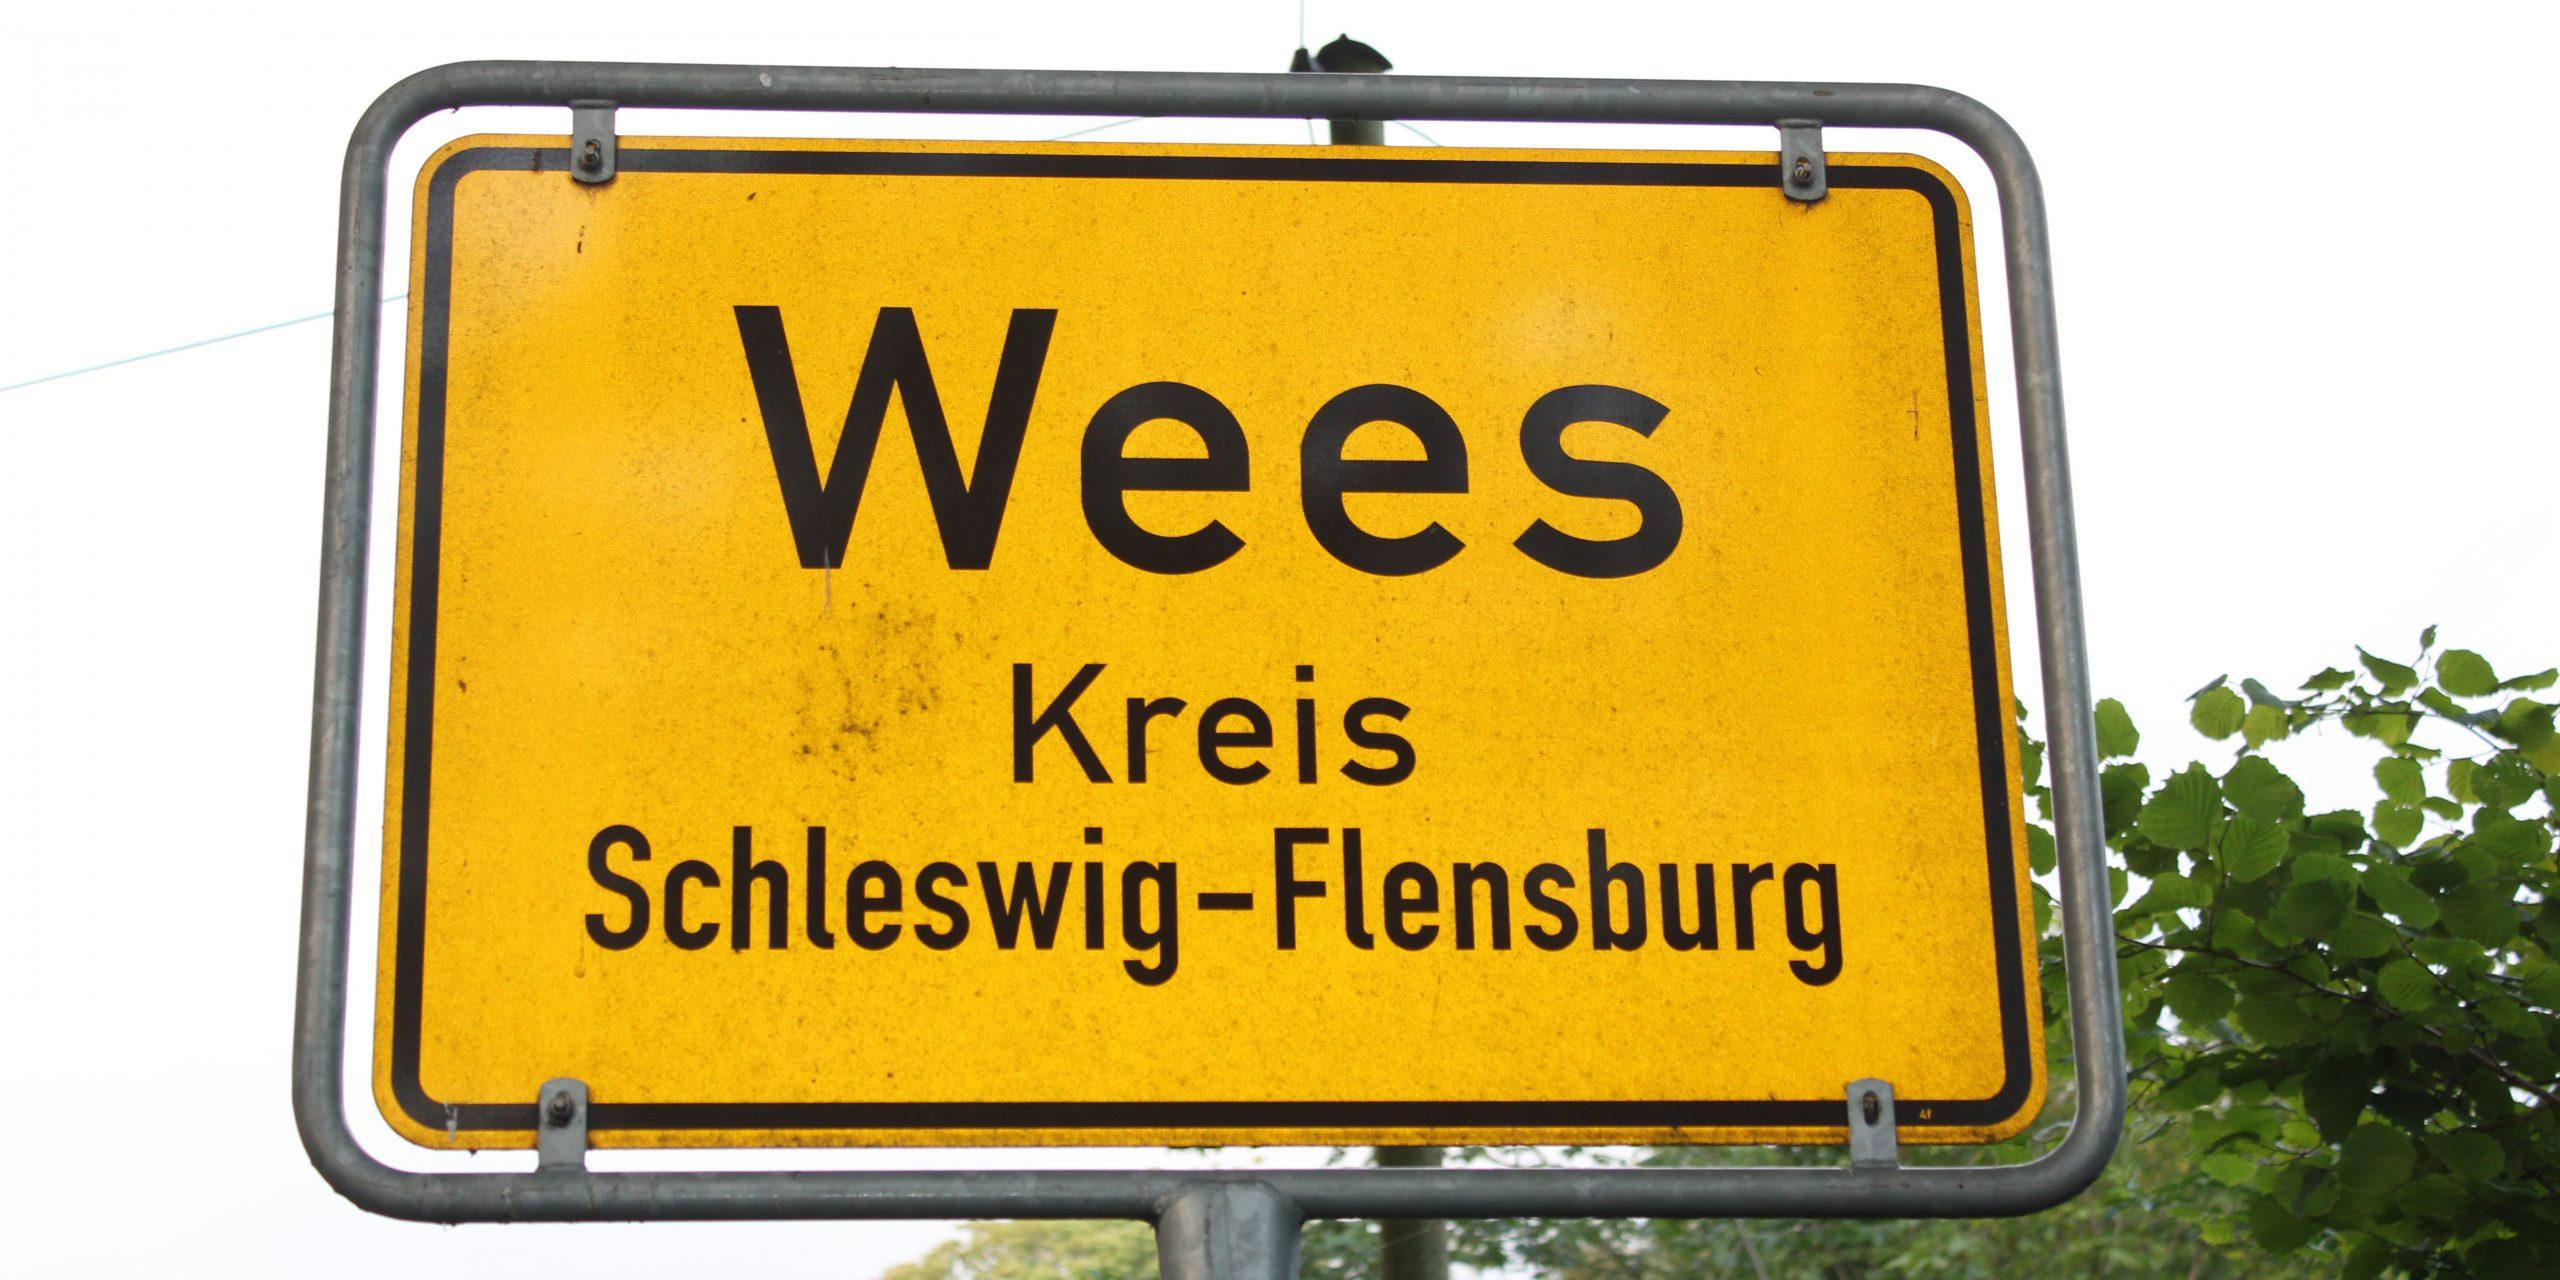 Bis 1997 war Wees ein Ort ohne Arzt. Die Entwicklung des Dorfes mit neuem Einkaufzentrum und einem Gewerbegebiet führte dazu, dass nun auch eine Arztpraxis im Ort sein sollte.